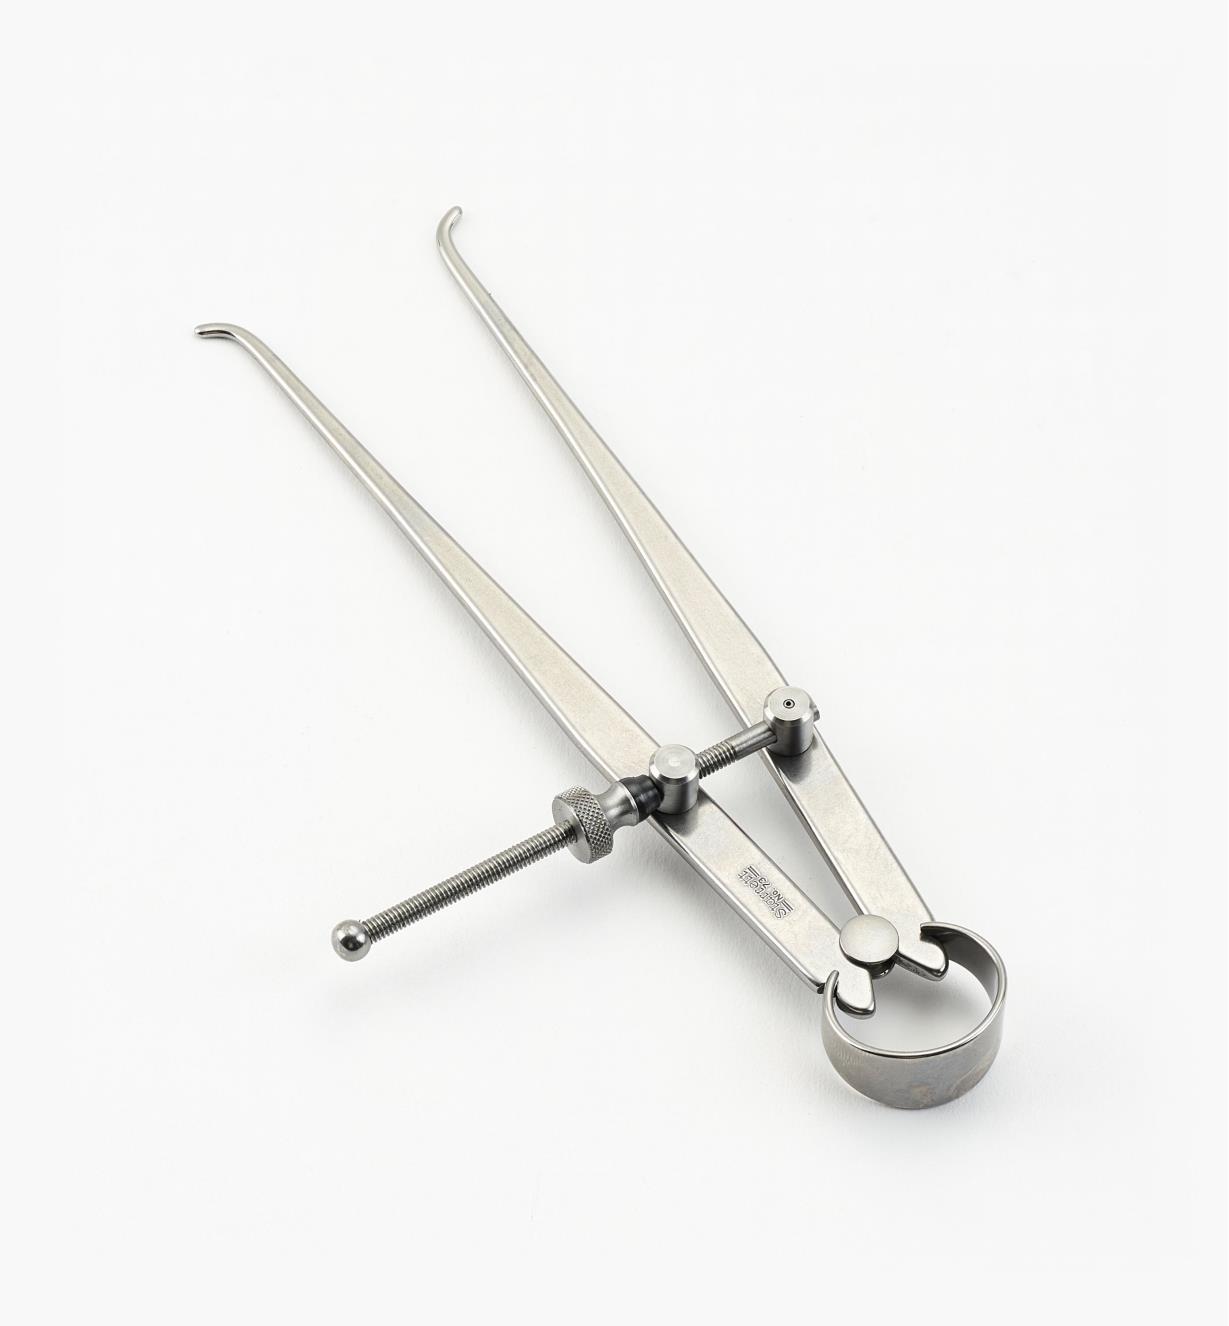 30N2502 - Compas pour mesures intérieures à écrou standard, 6 po